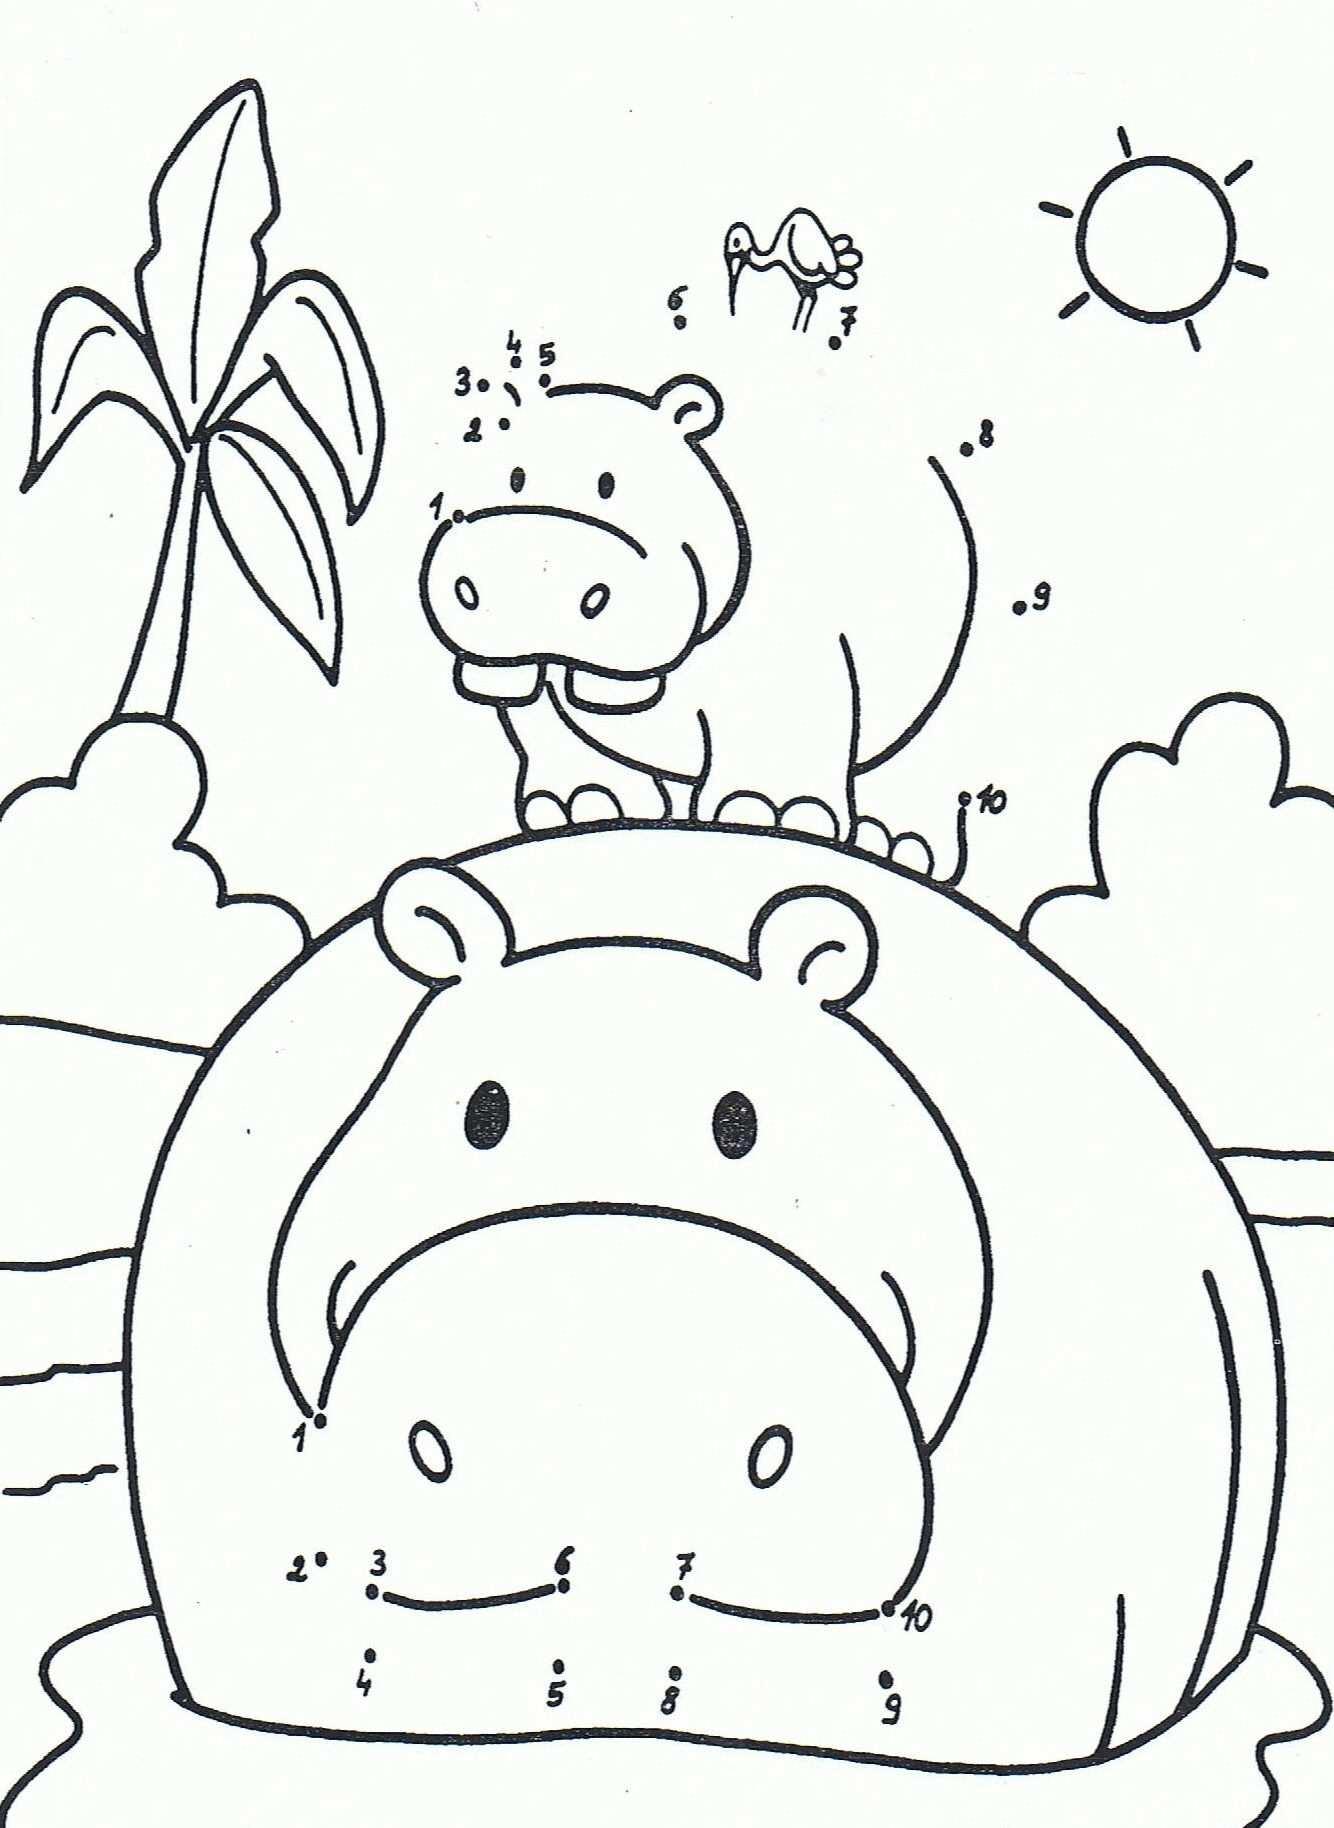 Kleurplaat Van Een Nijlpaard 1 10 Met Afbeeldingen